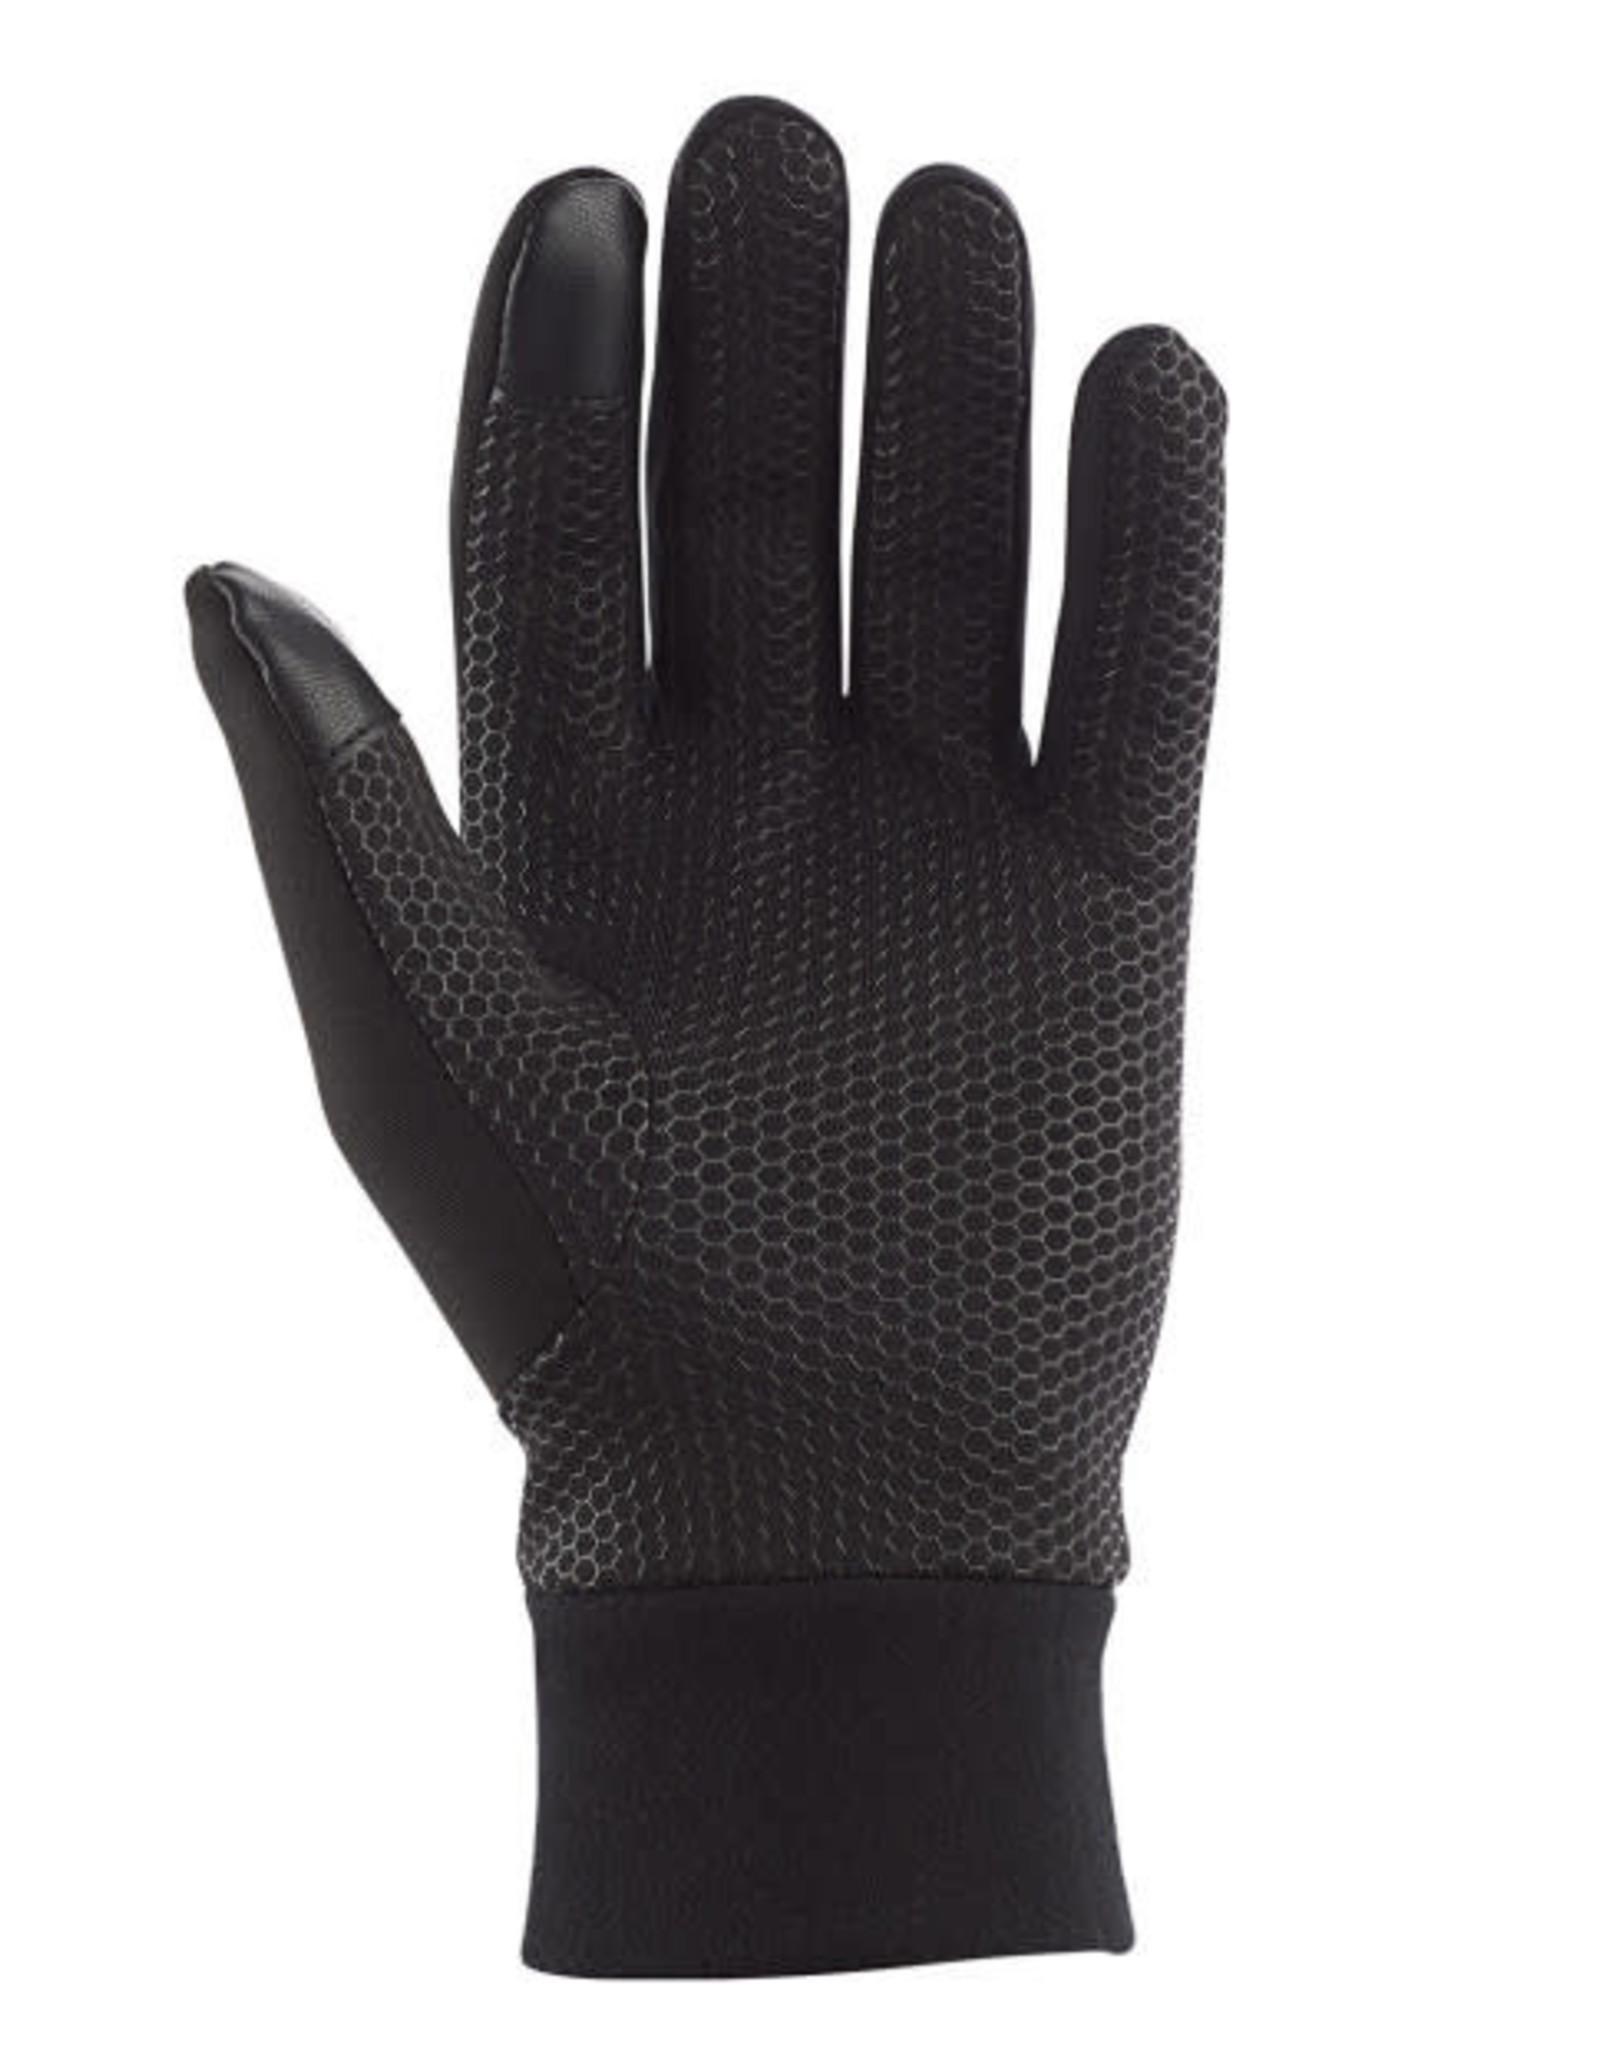 Arva Arva Touring Grip Glove